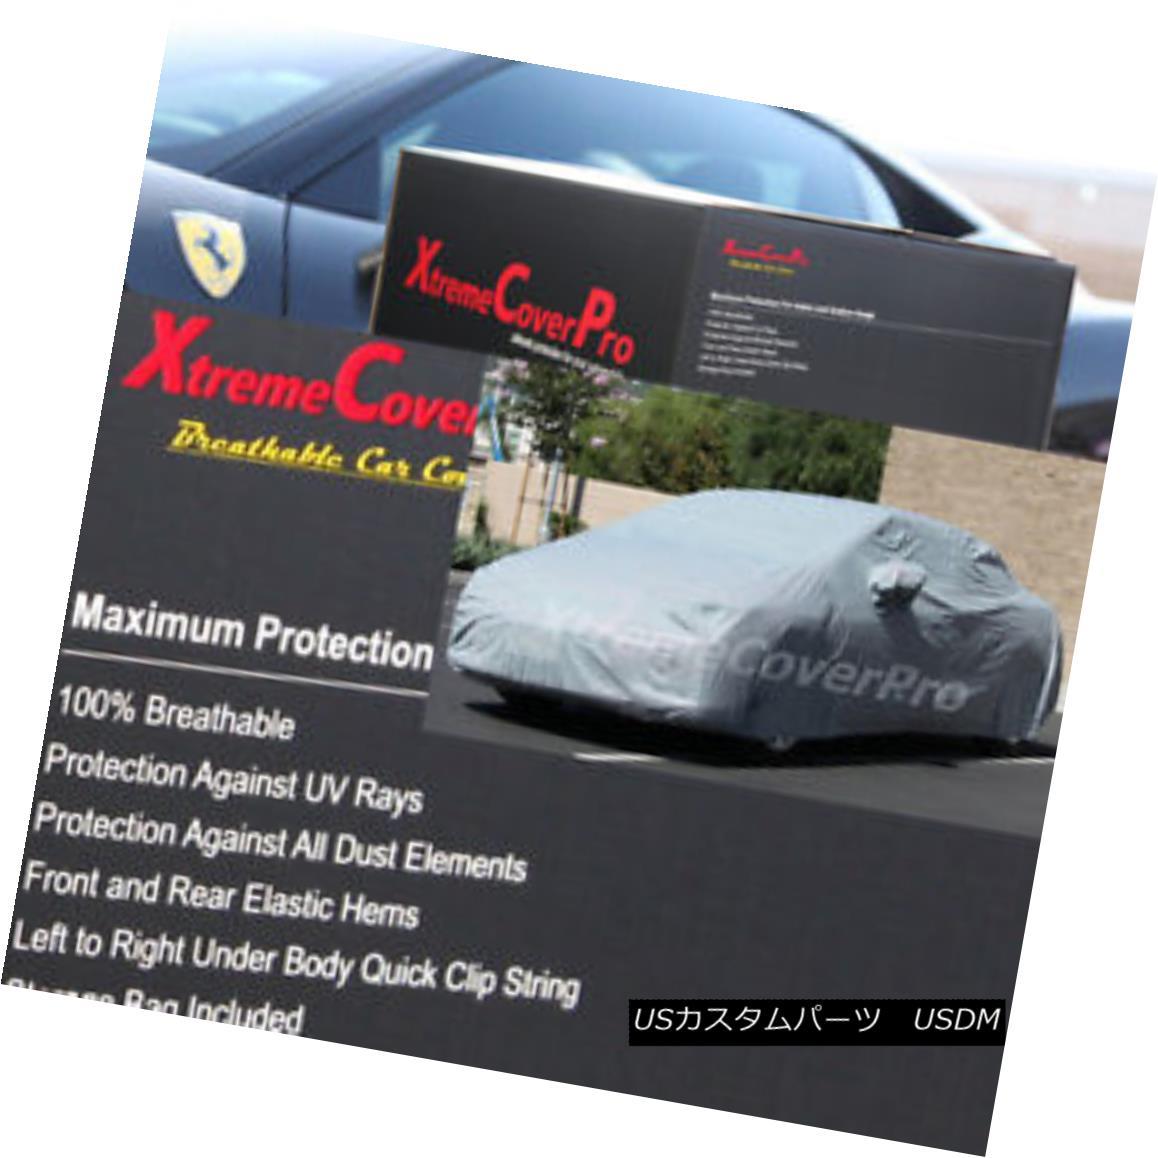 カーカバー 2011 2012 Scion tC Breathable Car Cover w/MirrorPocket 2011年シオンtC通気性車カバー付きMirrorPocket